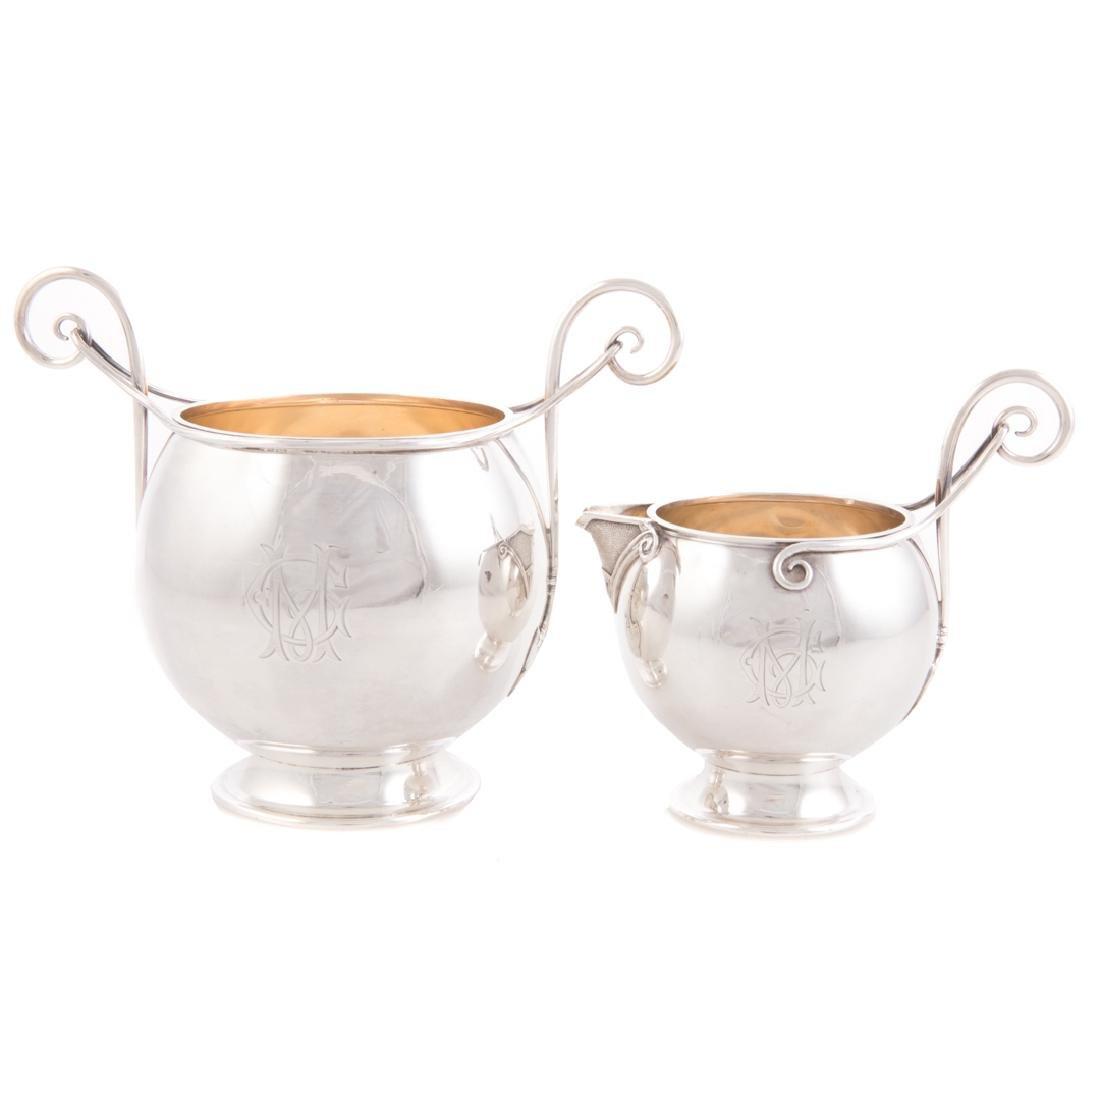 Gorham sterling sugar bowl & cream pitcher